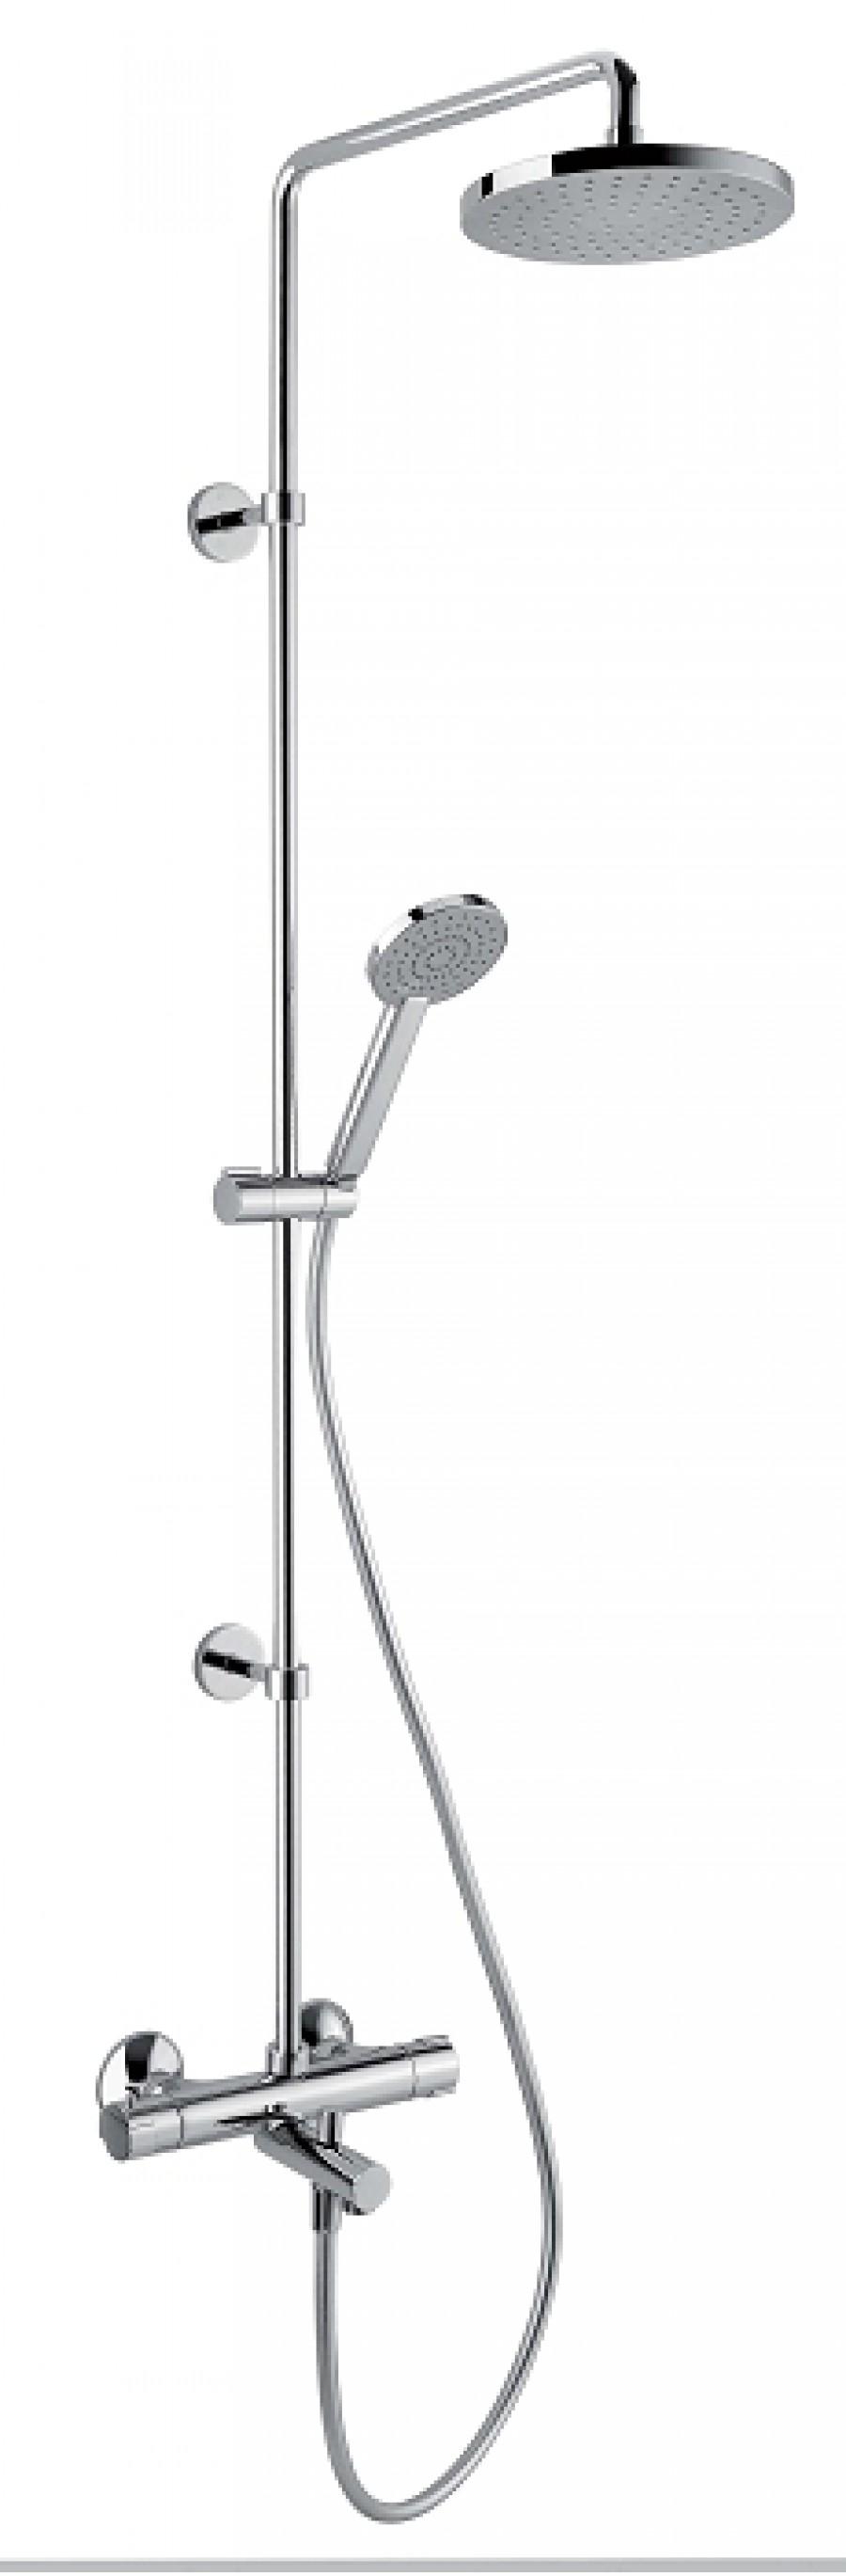 colonne bain douche thermostatique soft meuble de salle de bain douche. Black Bedroom Furniture Sets. Home Design Ideas